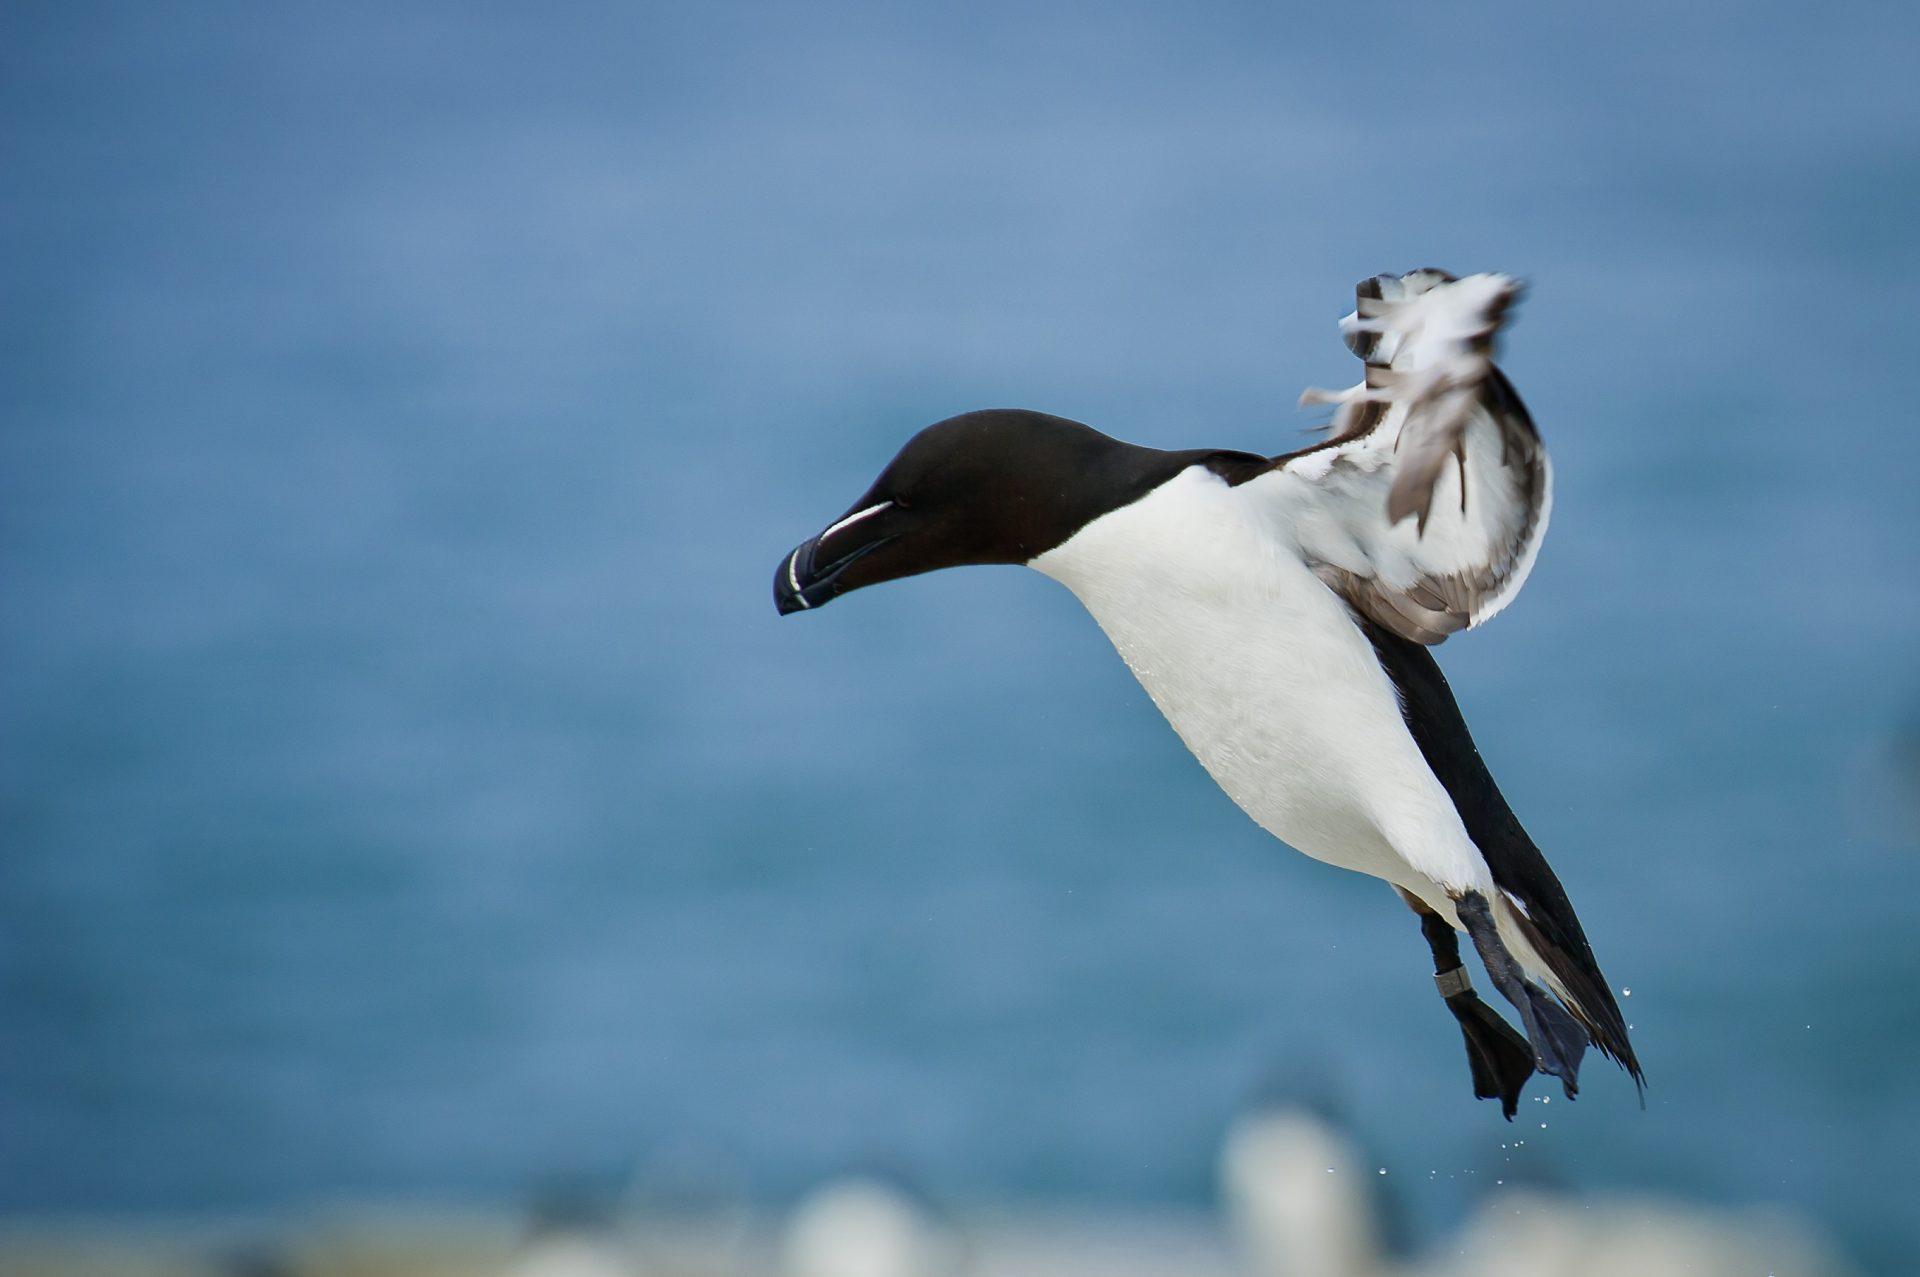 Razorbill bird